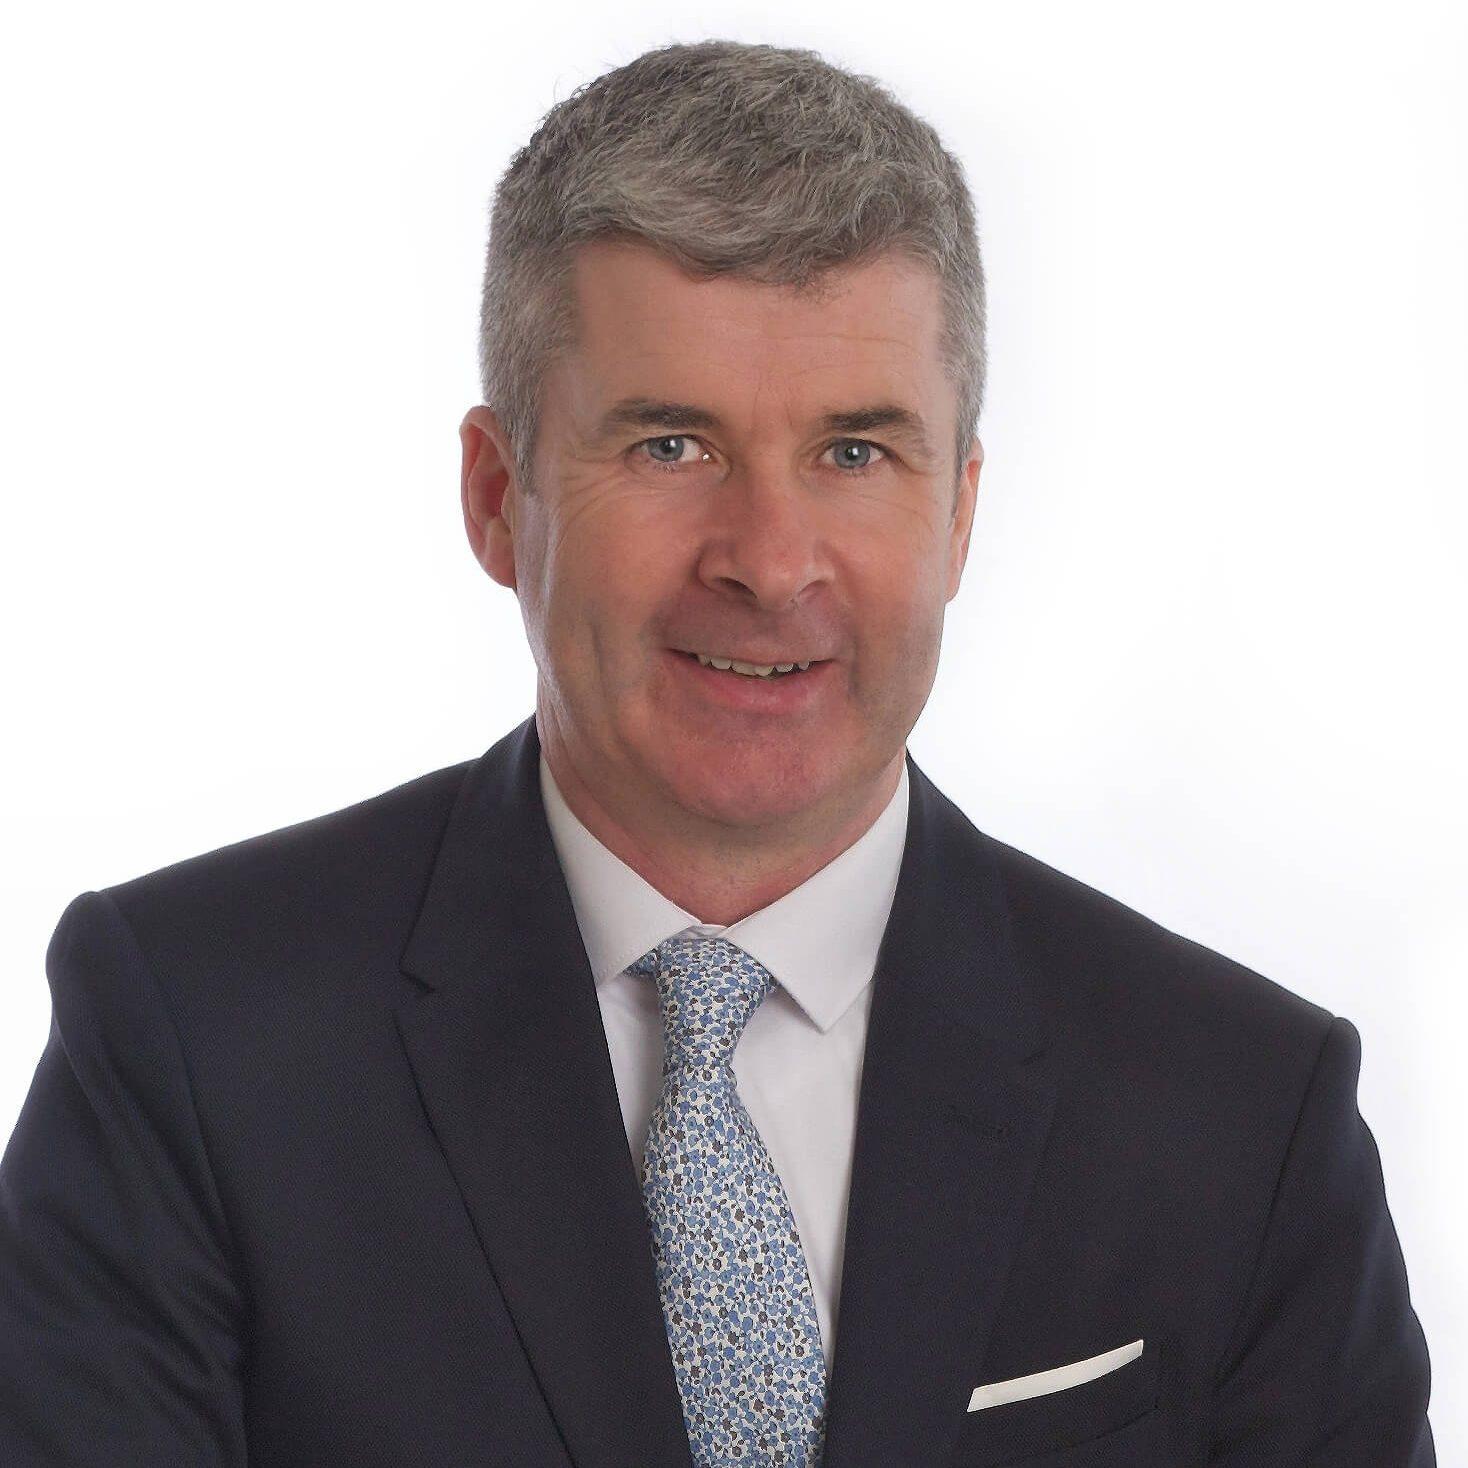 Councillor Michael O